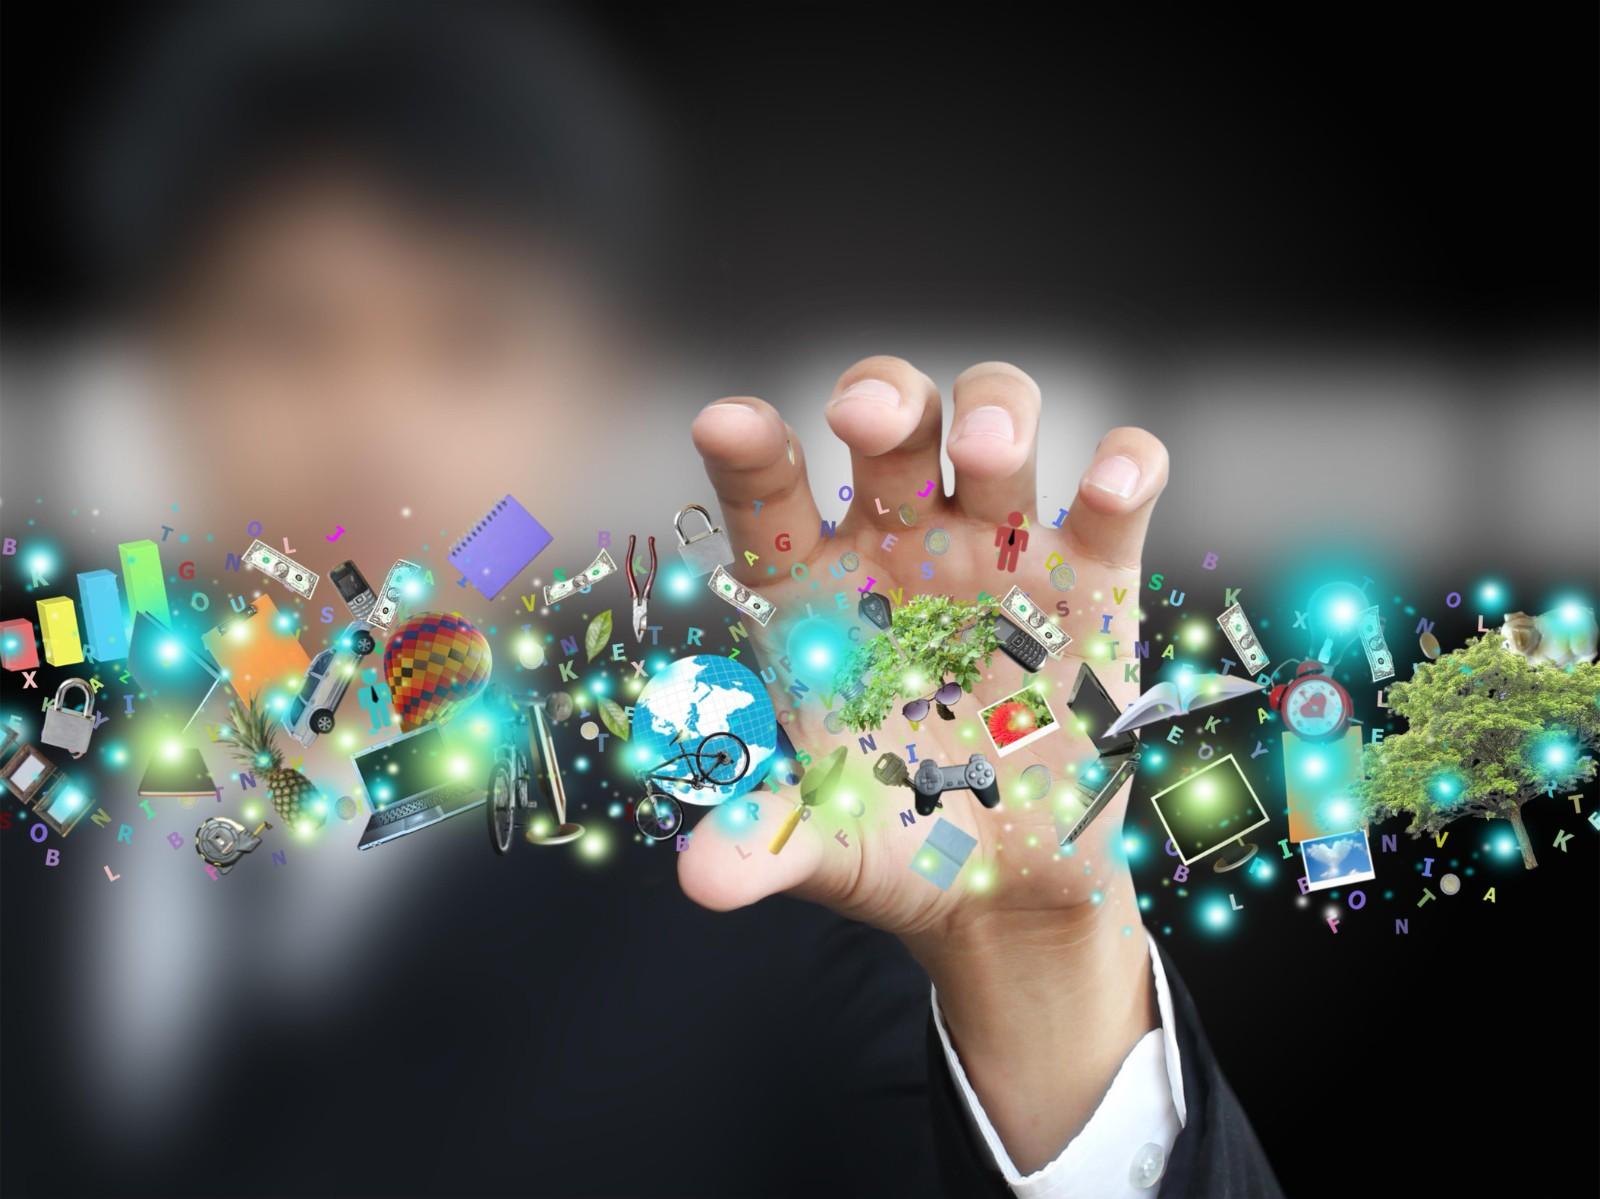 什么是大数据杀熟?对消费者有哪些影响?